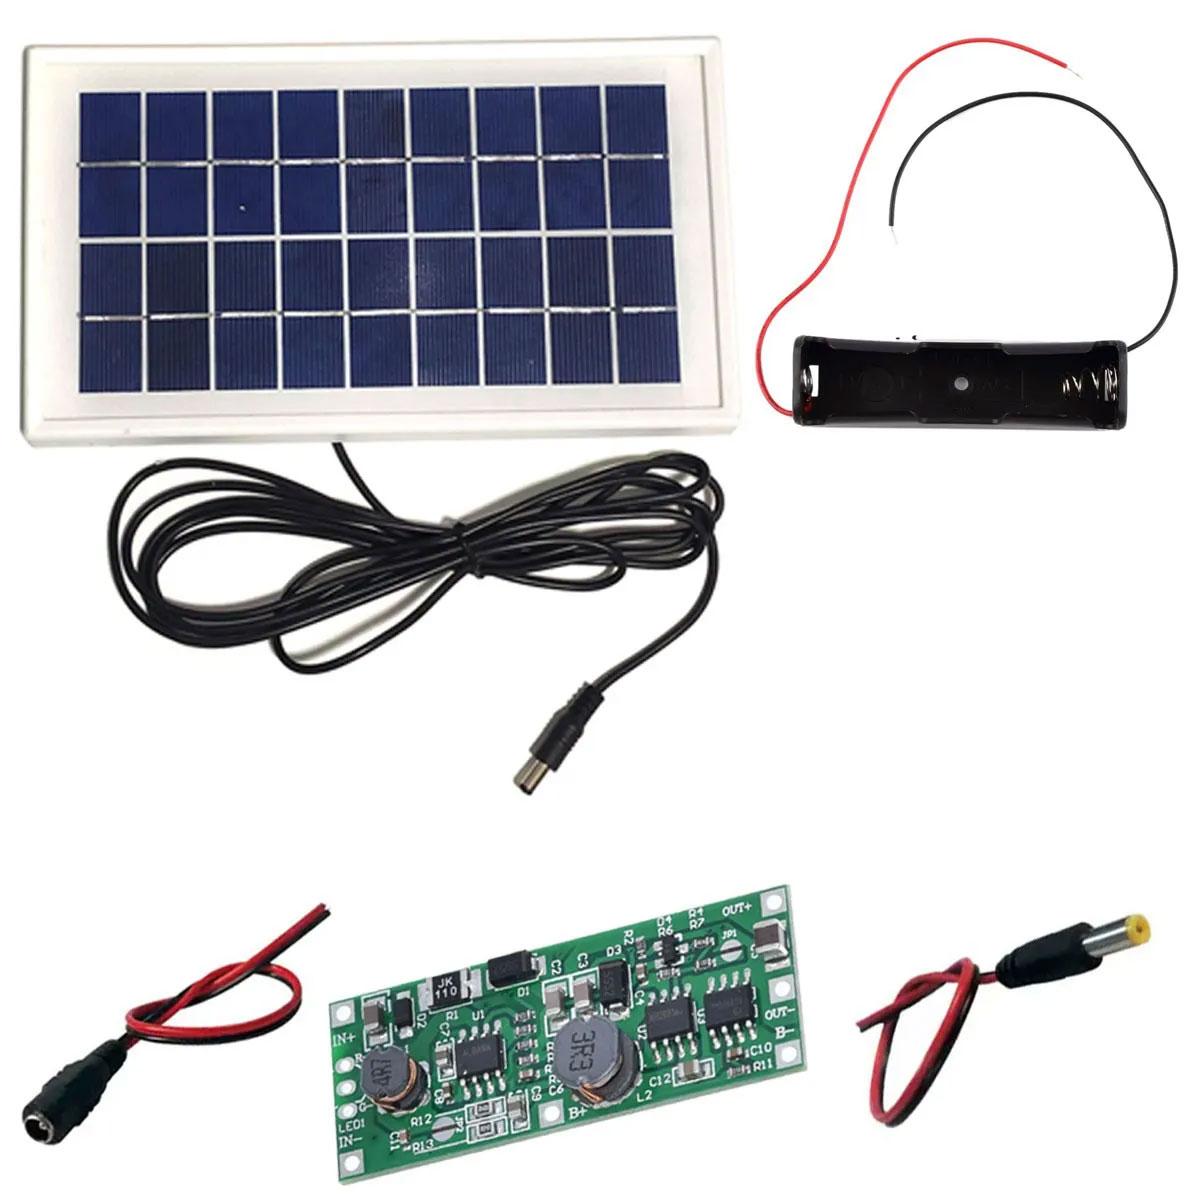 Kit DIY UPS Carregador Solar de Bateria de Lítio 18650 - Saída 12v